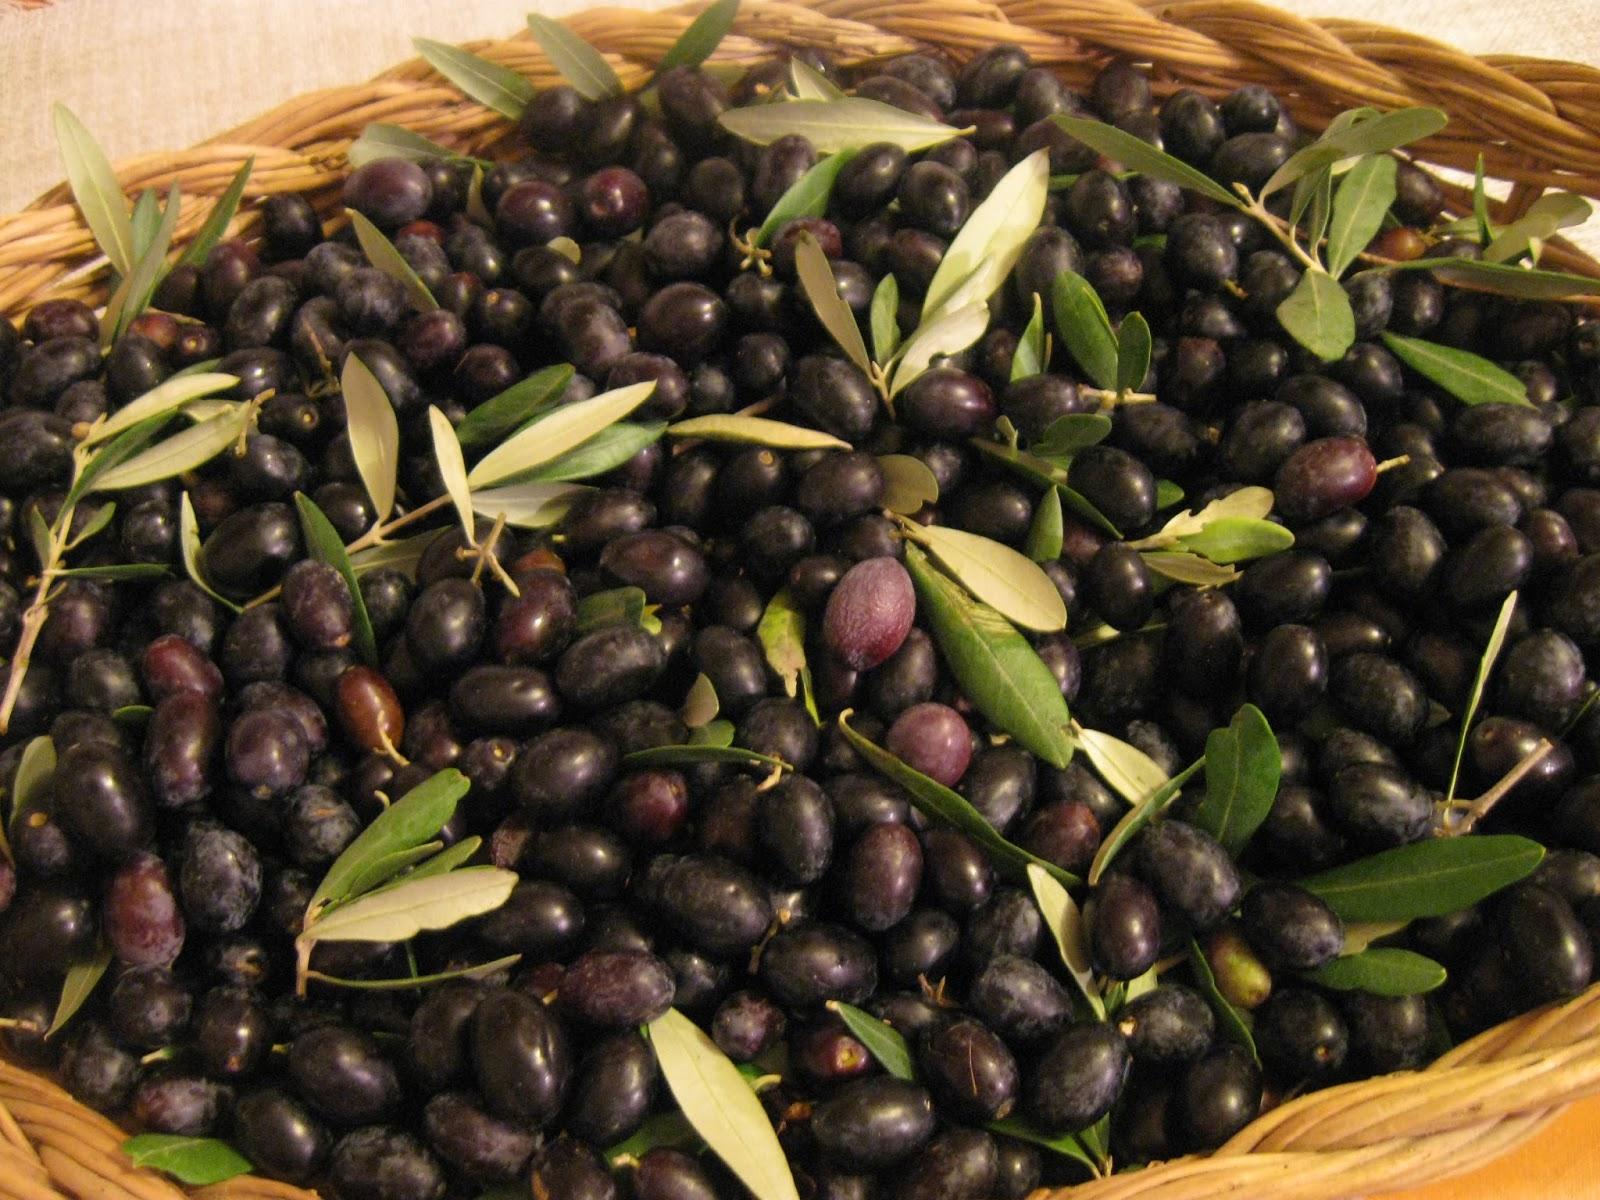 La granja di adriana olive nere in salamoia - Cucinare olive appena raccolte ...